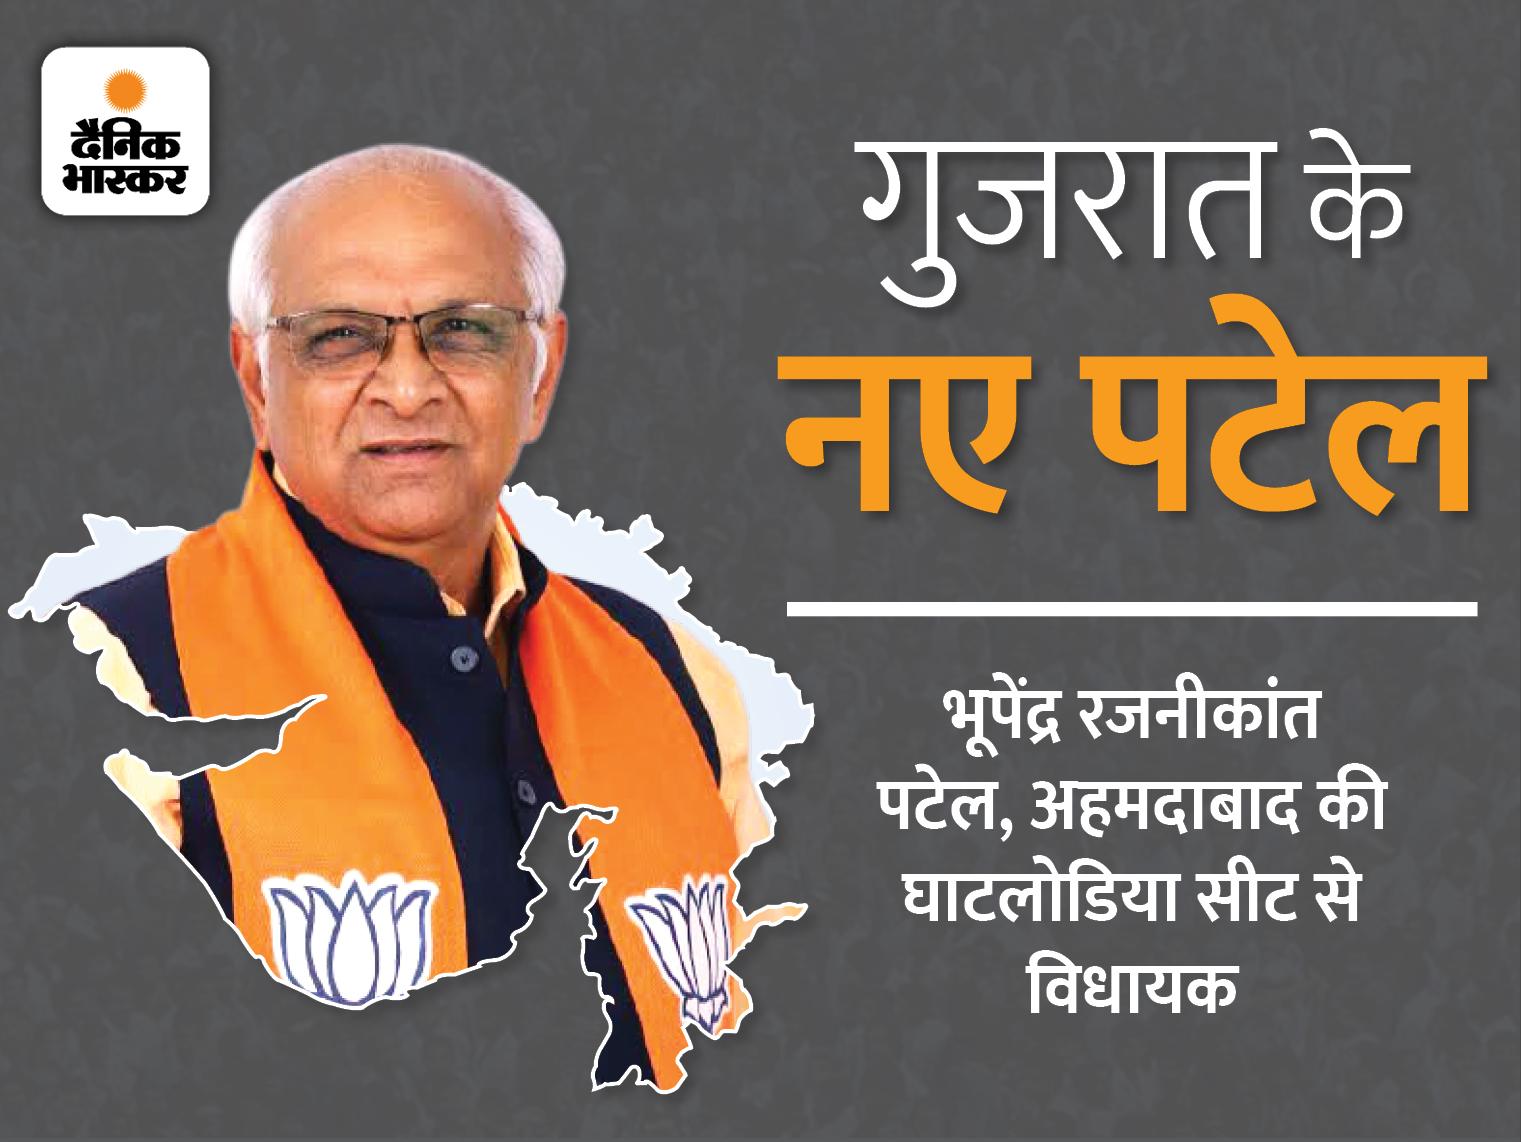 पाटीदार नेता भूपेंद्र पटेल आज मुख्यमंत्री पद की शपथ लेंगे, डिप्टी CM पर अभी सस्पेंस|देश,National - Dainik Bhaskar